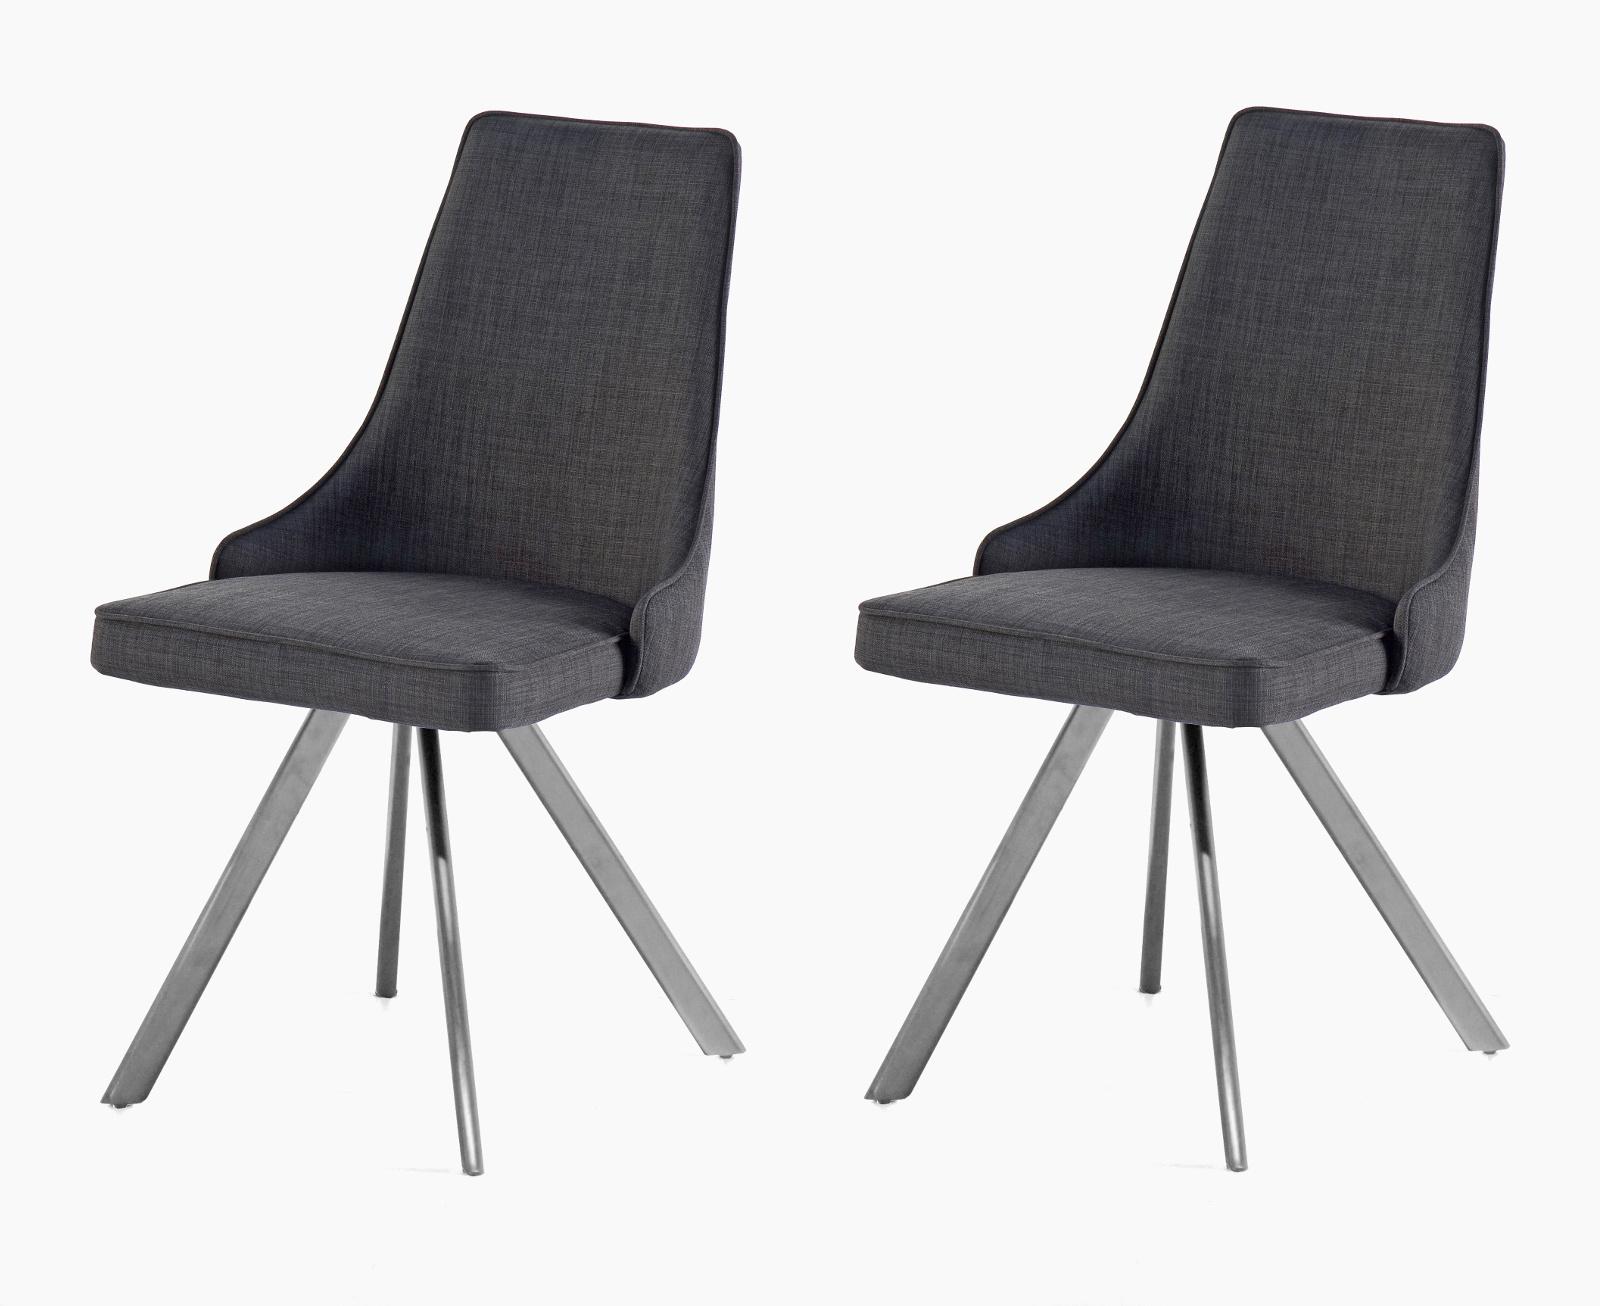 Dressing Table Organizer Ikea ~   zu Esstisch Säulentisch Küchentisch Tisch Hochglanz Lack weiss Moda